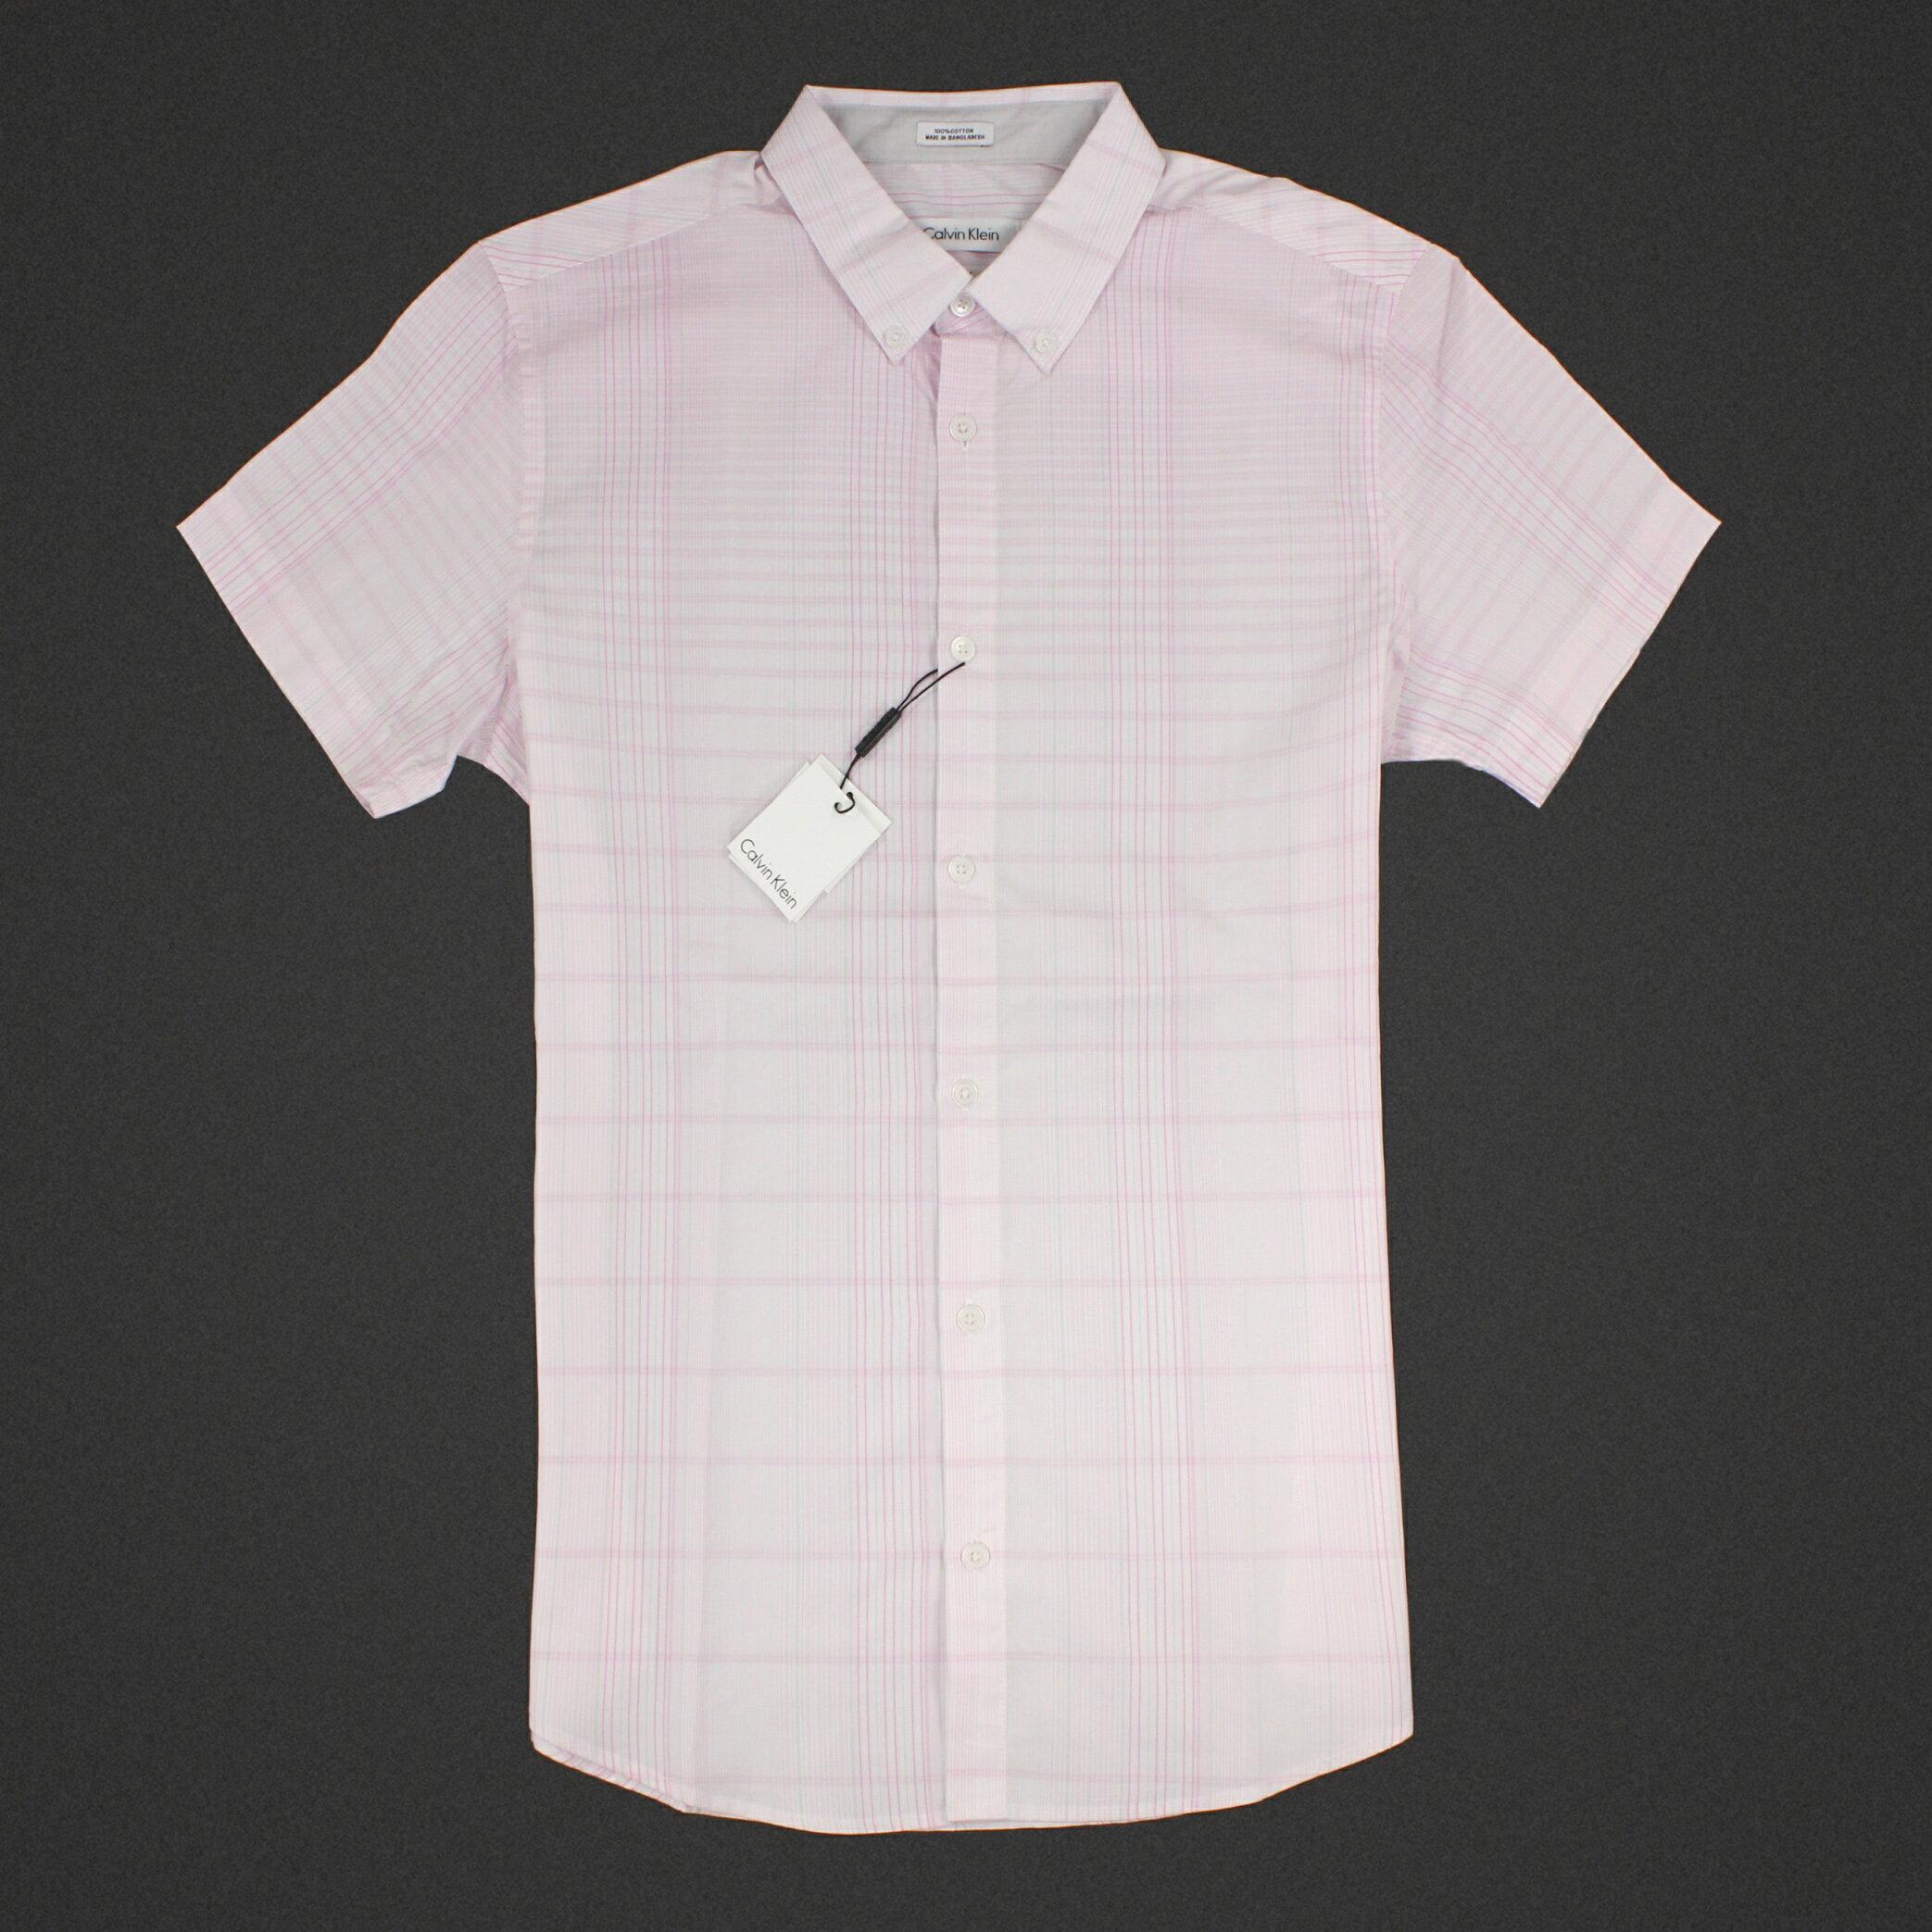 美國百分百【全新真品】Calvin Klein 襯衫 CK 男衣 短袖 上班 休閒 合身 格紋 XS S XL E239